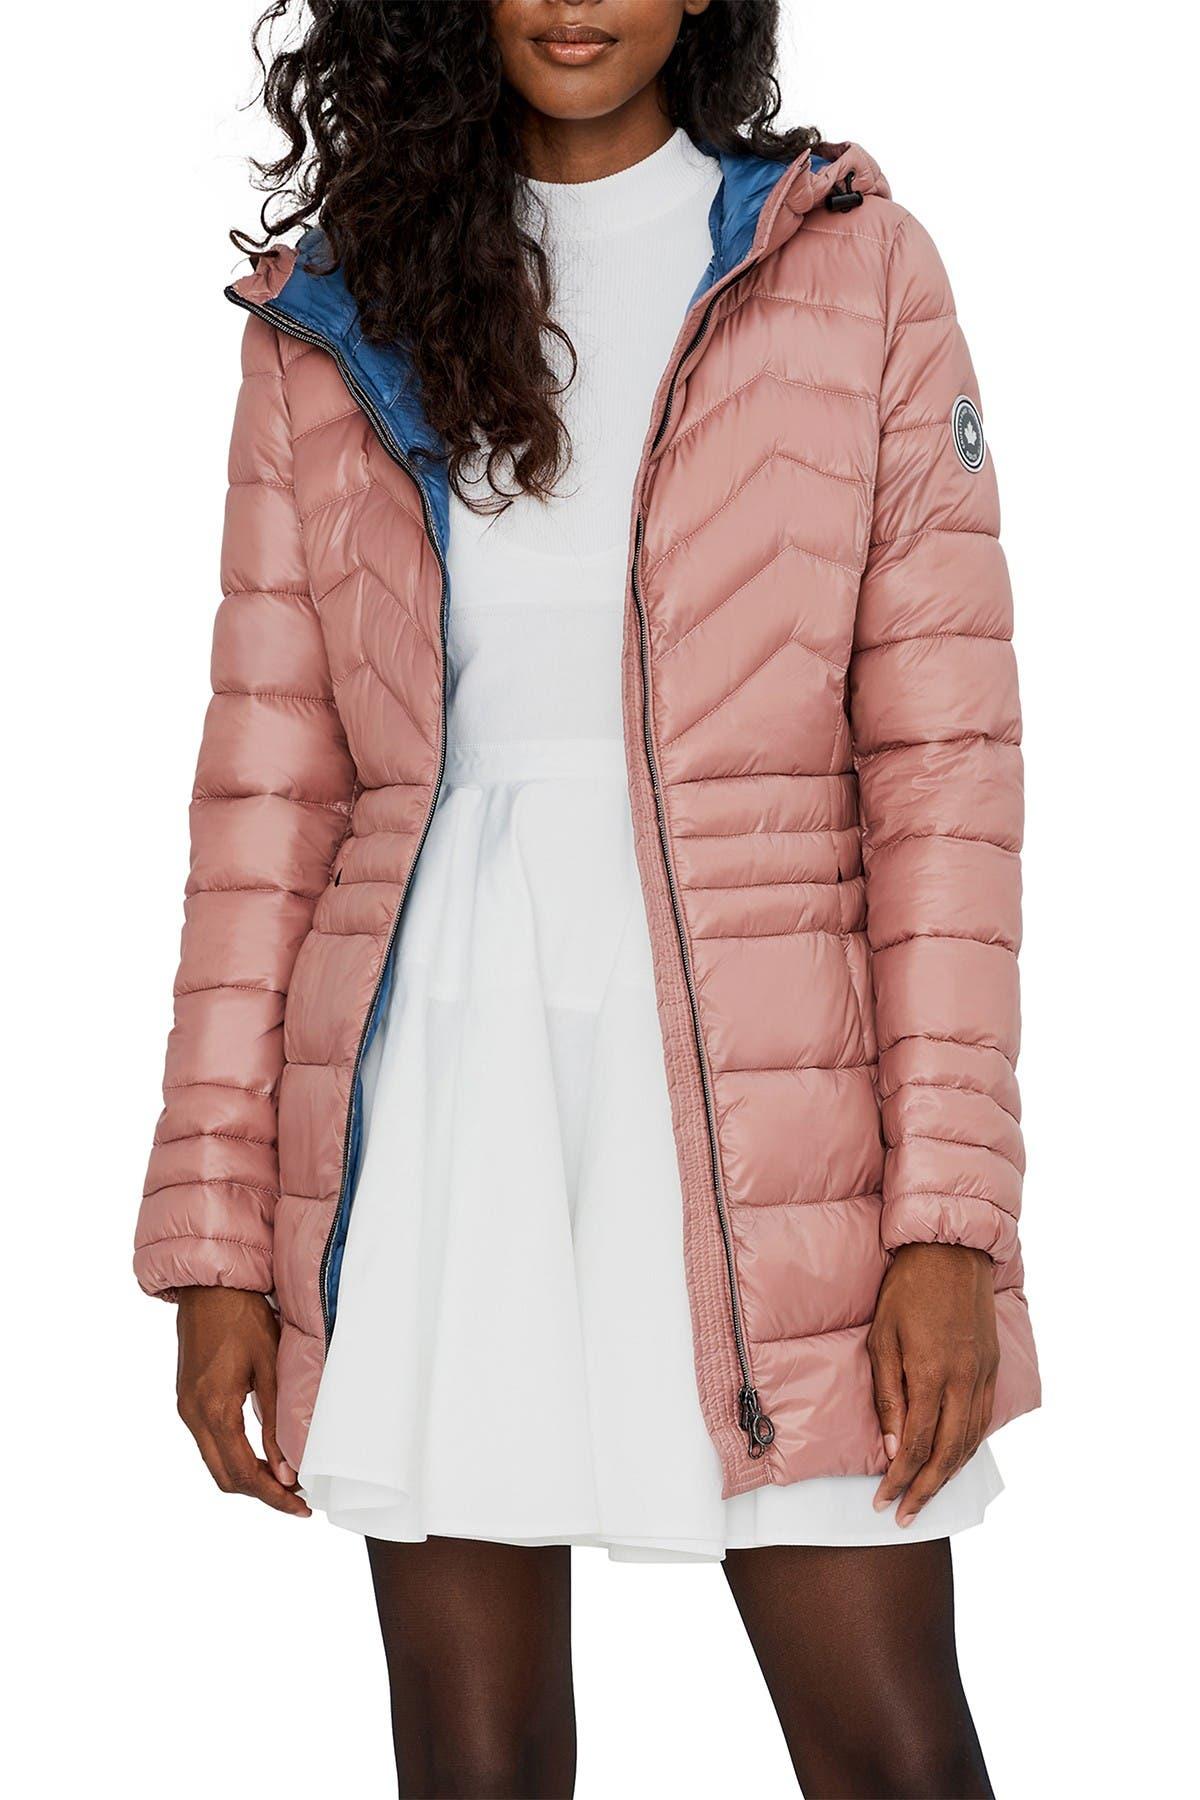 Image of NOIZE Eden Lightweight Hooded Zip Puffer Jacket